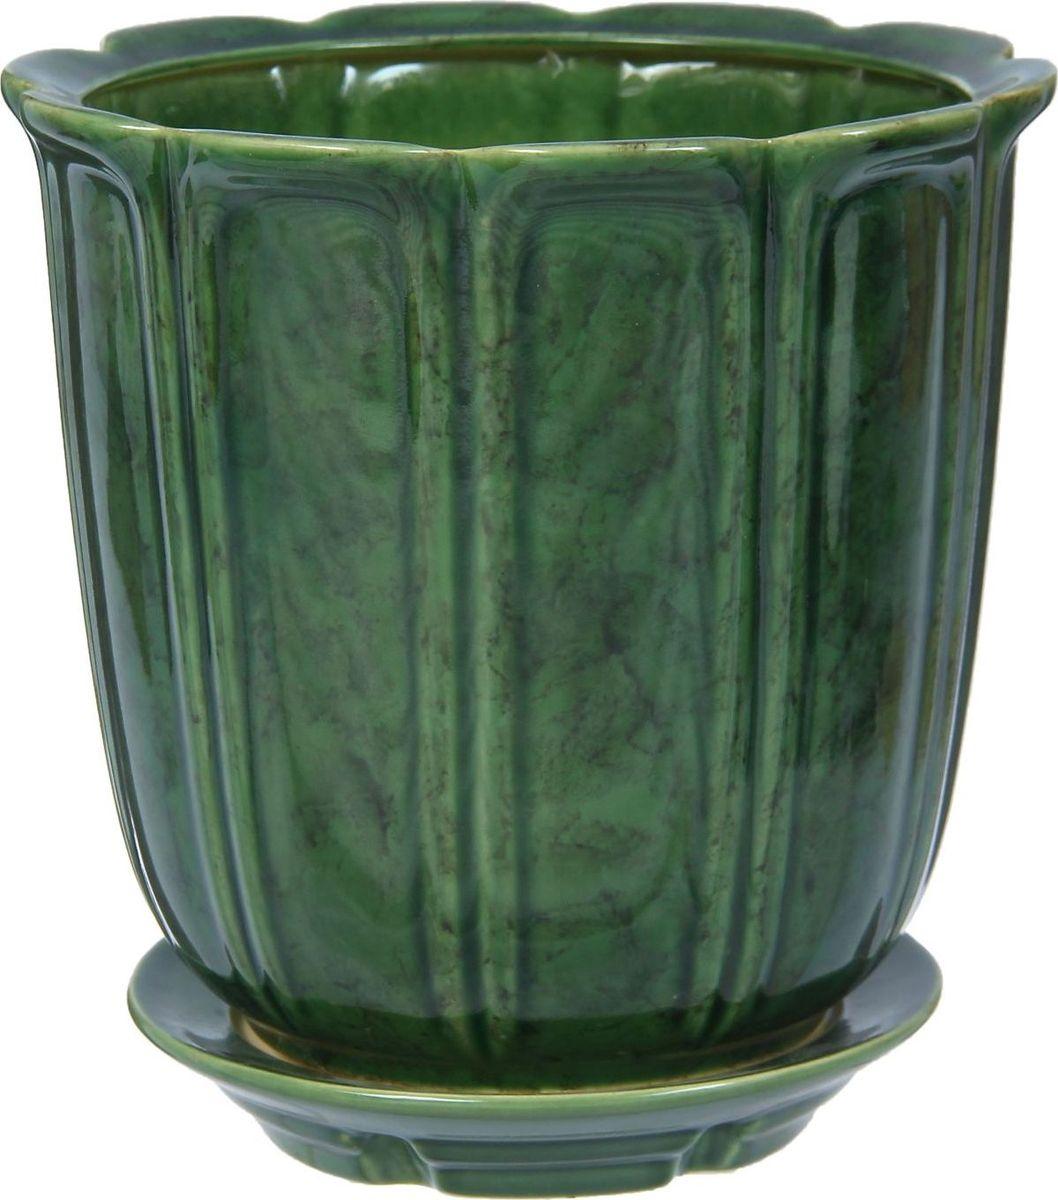 Кашпо Элита, цвет: зеленый, 5,5 л1300915Комнатные растения — всеобщие любимцы. Они радуют глаз, насыщают помещение кислородом и украшают пространство. Каждому из них необходим свой удобный и красивый дом. Кашпо из керамики прекрасно подходят для высадки растений: за счёт пластичности глины и разных способов обработки существует великое множество форм и дизайновпористый материал позволяет испаряться лишней влагевоздух, необходимый для дыхания корней, проникает сквозь керамические стенки! #name# позаботится о зелёном питомце, освежит интерьер и подчеркнёт его стиль.